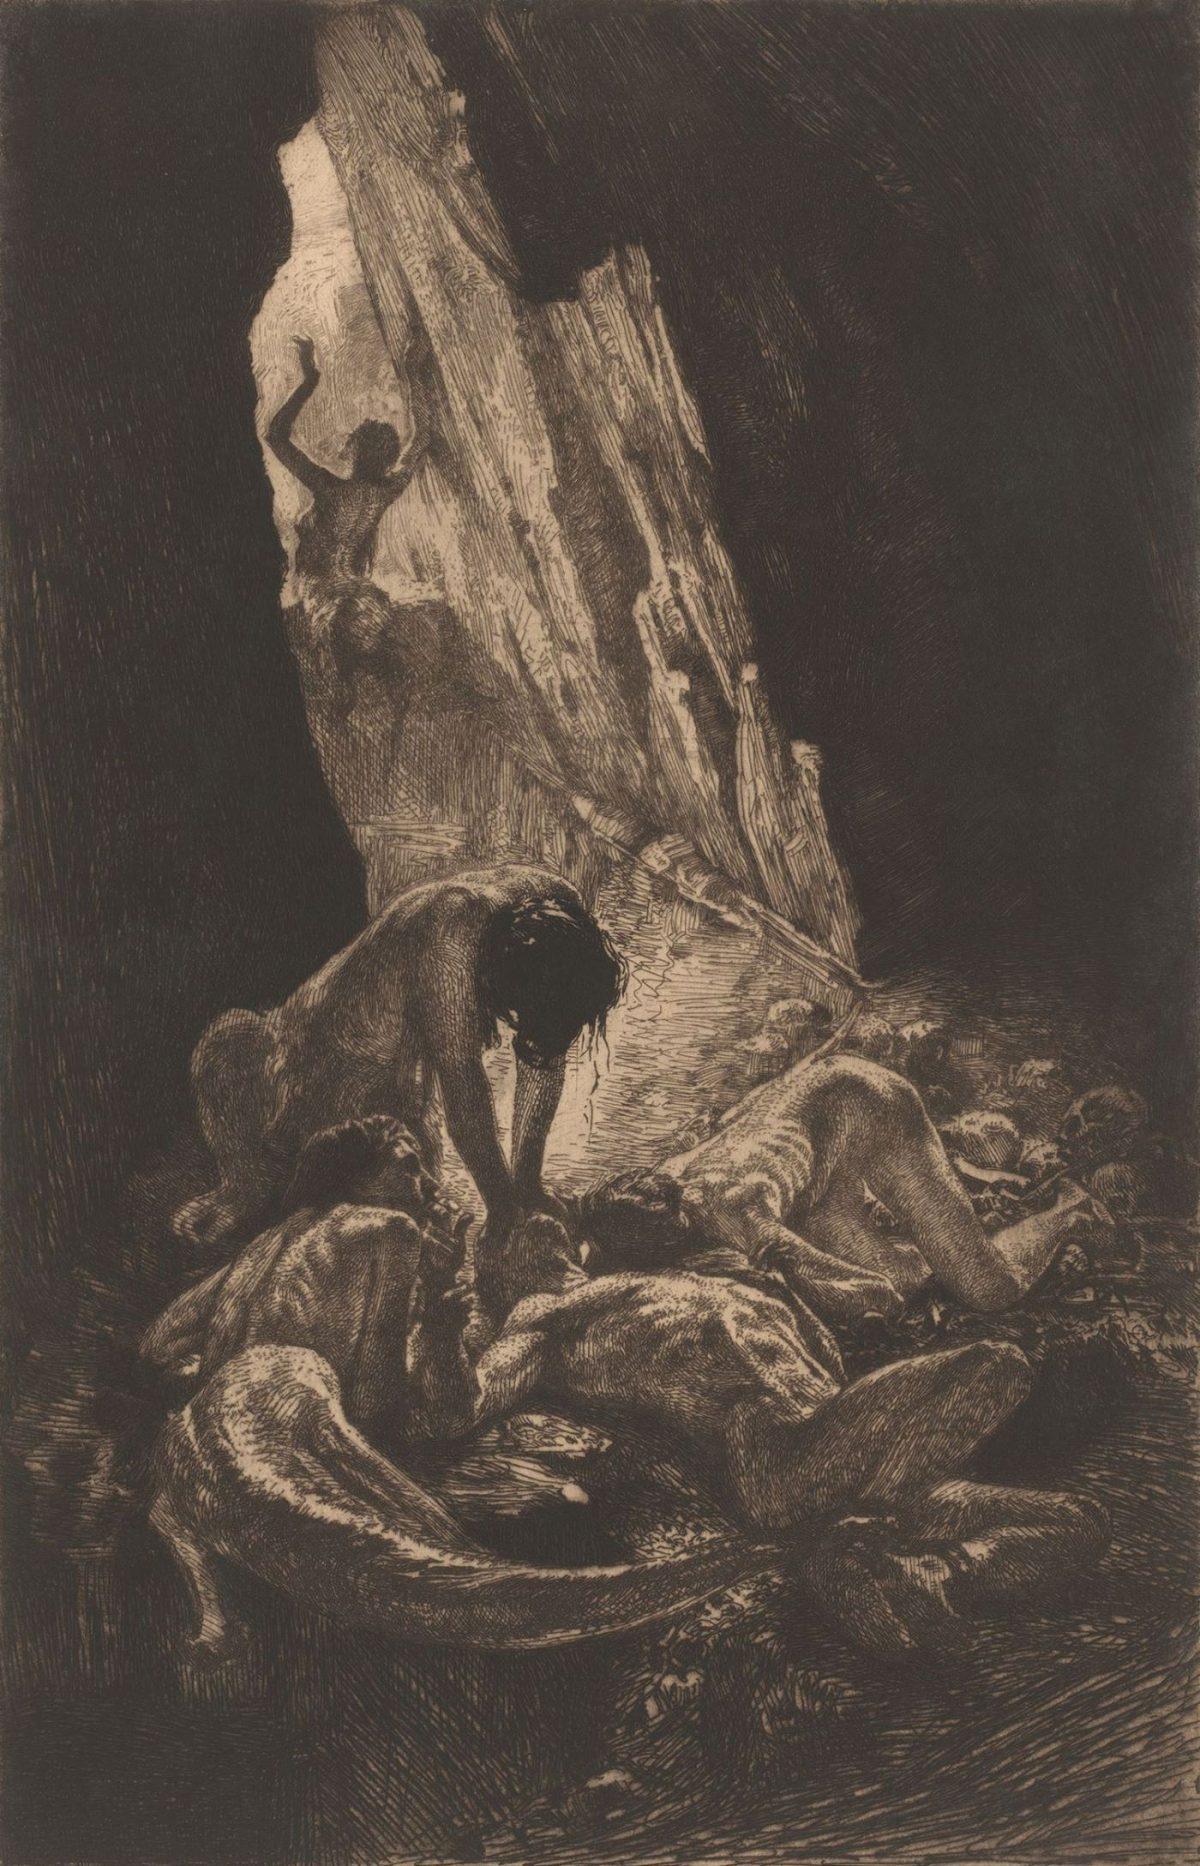 01 MARCEL ROUX 1200x1866 - Дьявольщина, достойная современных хорроров: картины Марселя Ру (1878-1922)